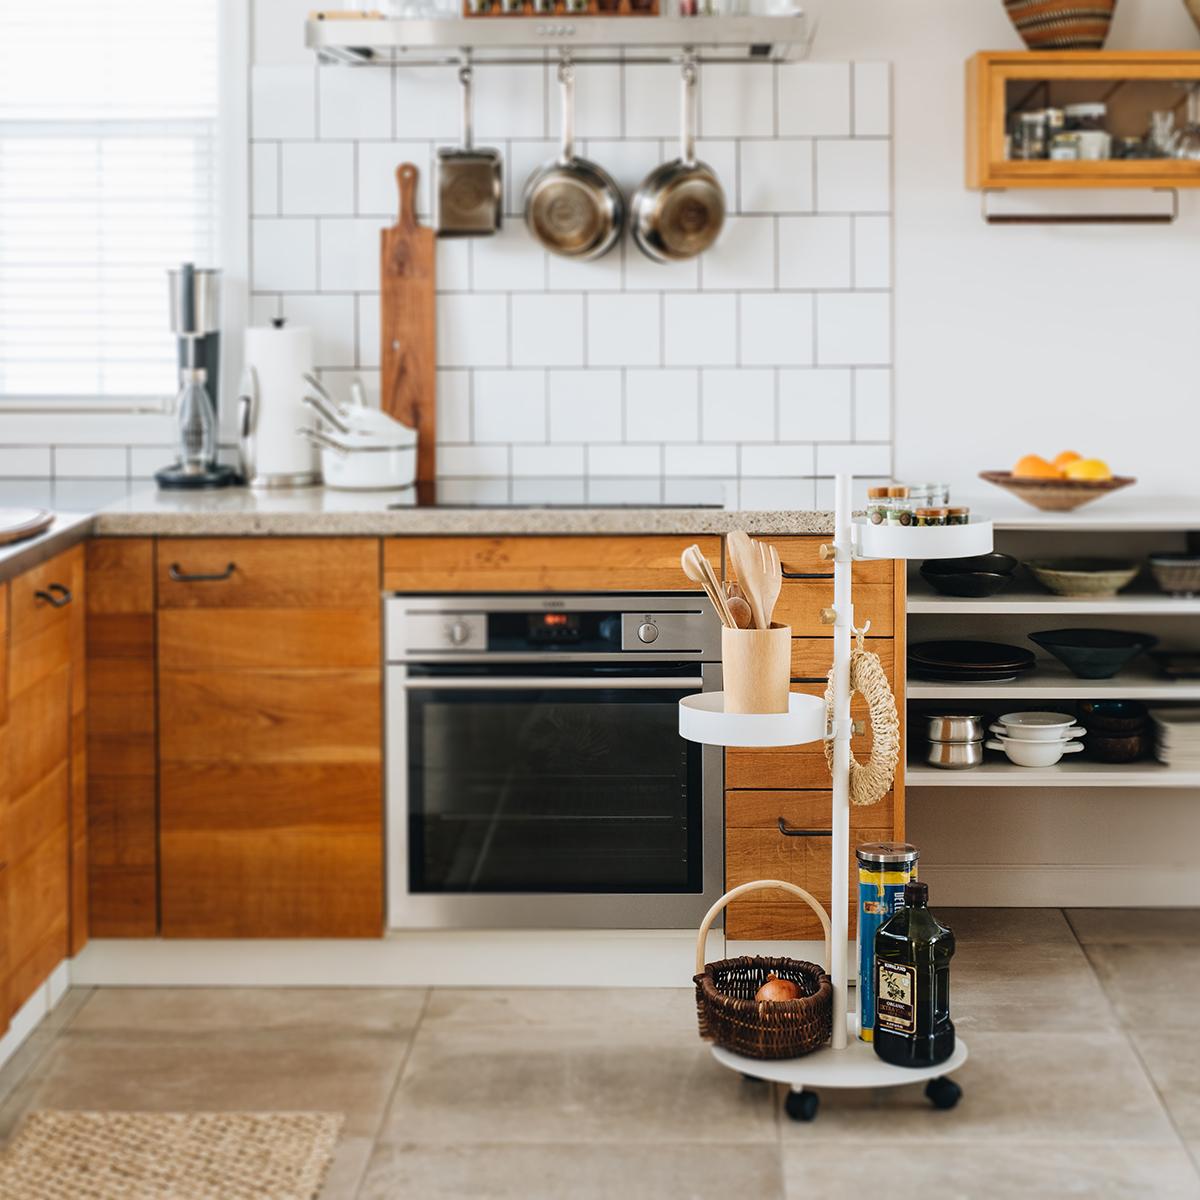 収納で仕事も家事も、効率アップ!あなただけの収納場所として、あちこちで活躍してくれます。キャスター台つきポール「Move Rod(ムーブロッド)」|DRAW A LINE(ドローアライン)